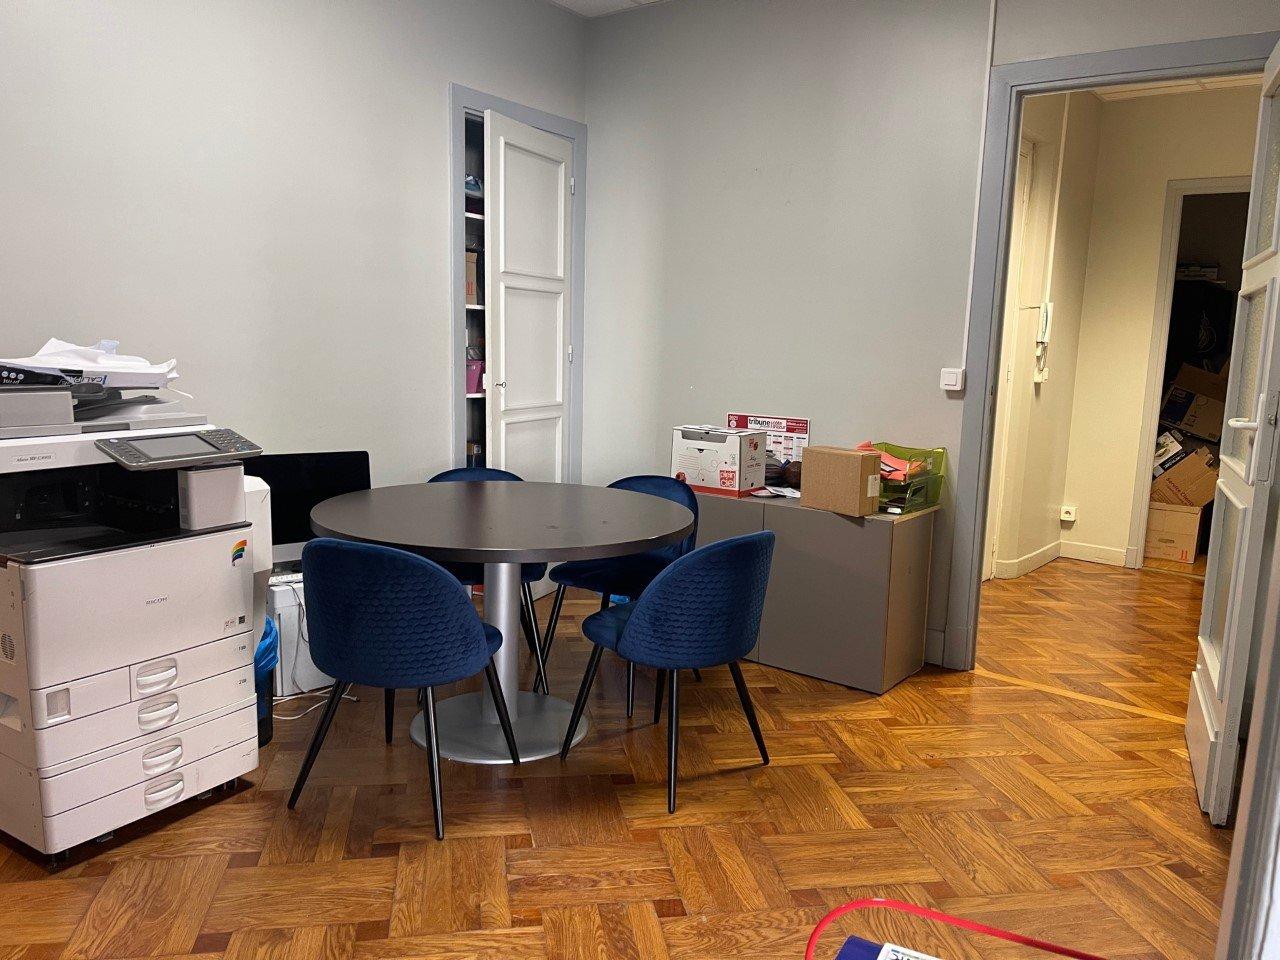 LOCATION PURE-BUREAU - 106 m² - NICE CARRE D'OR